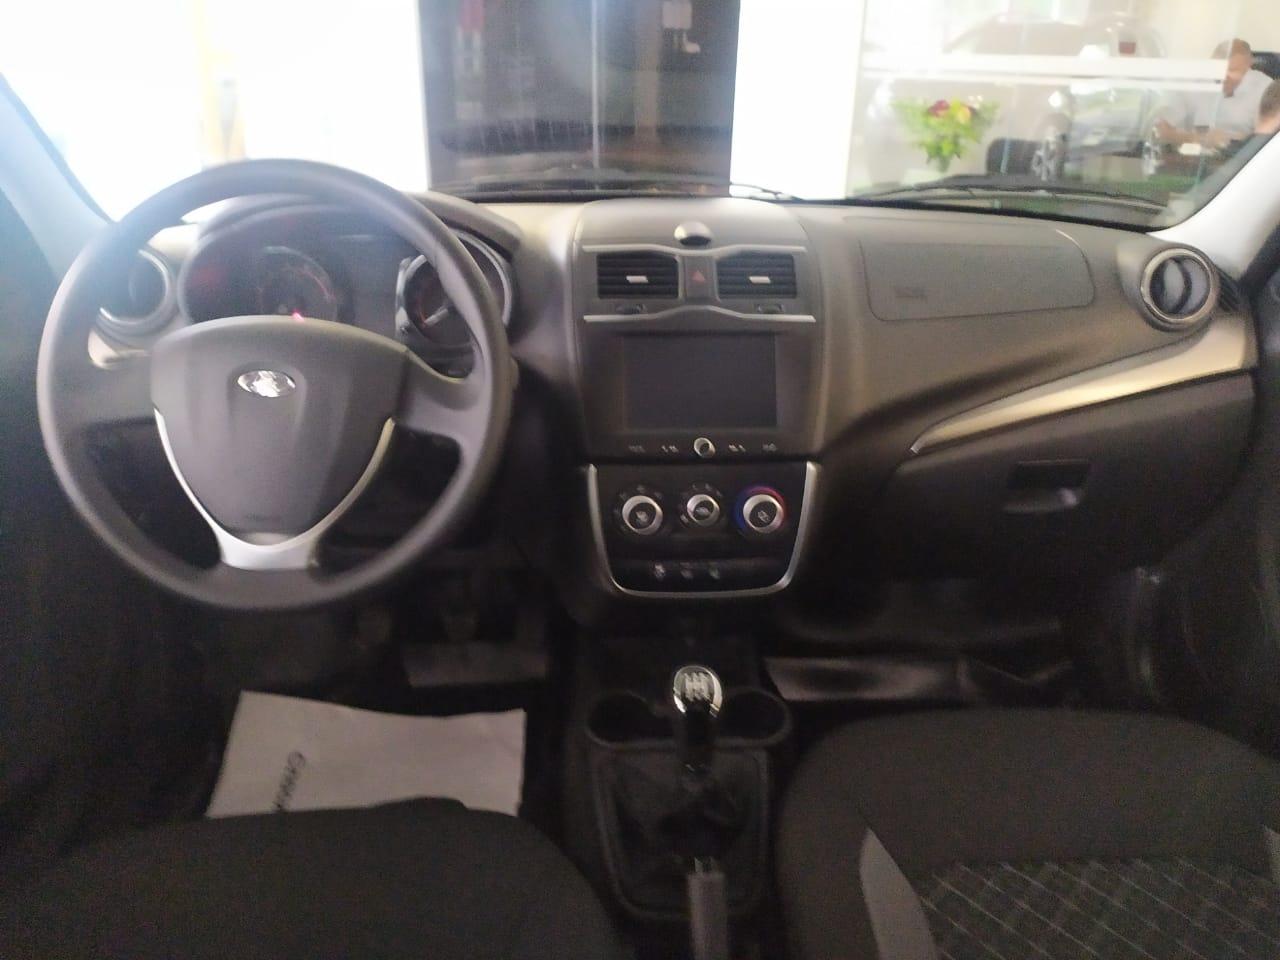 LADA Granta седан 1.6 л 16-кл. (106 л.с.), 5МТ, Luxe Prestige +Пакет EnjoY Pro, Серебристо-серый «Техно» 2021